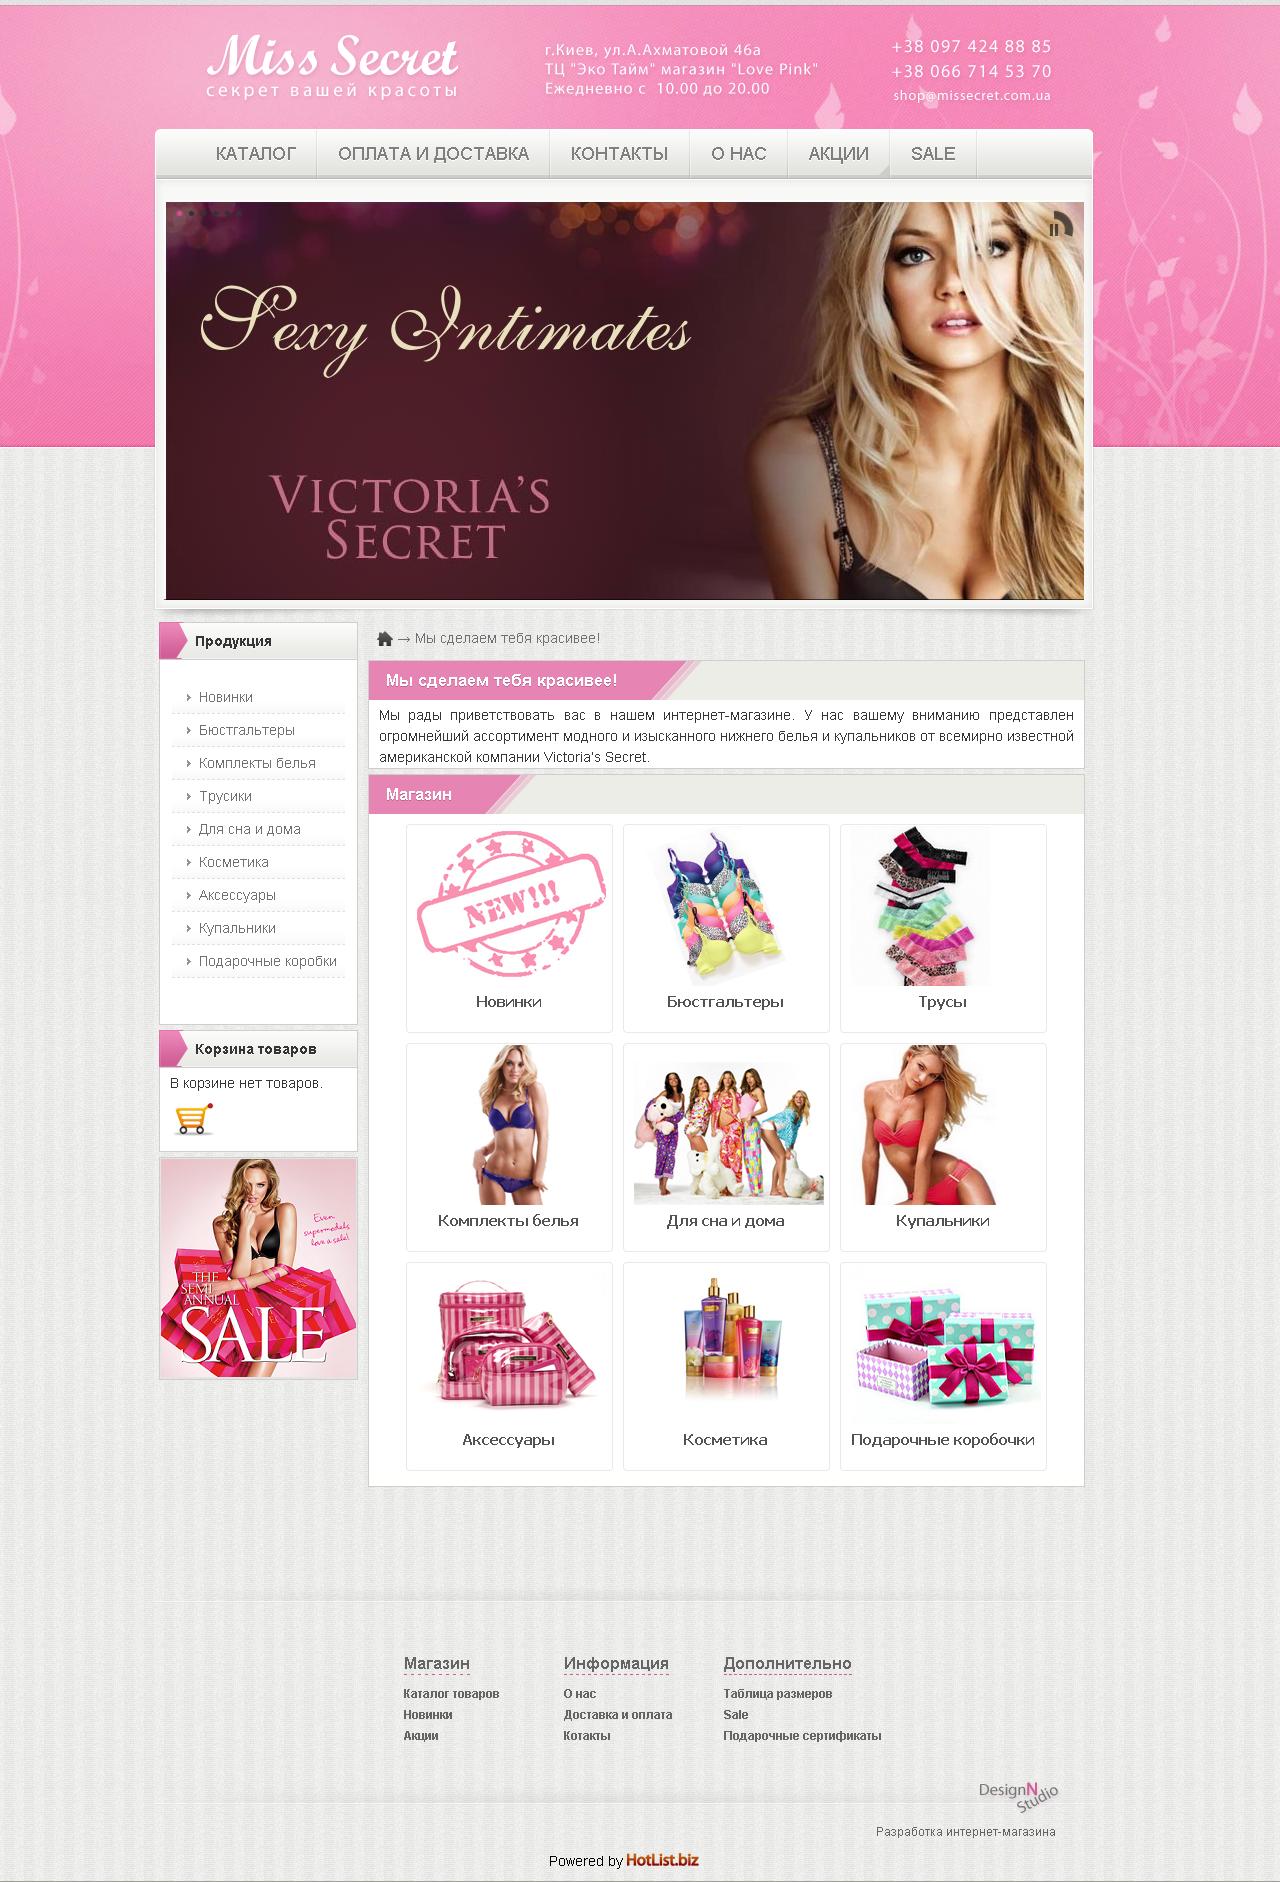 Виктория сикрет интернет магазин официальный сайт косметика